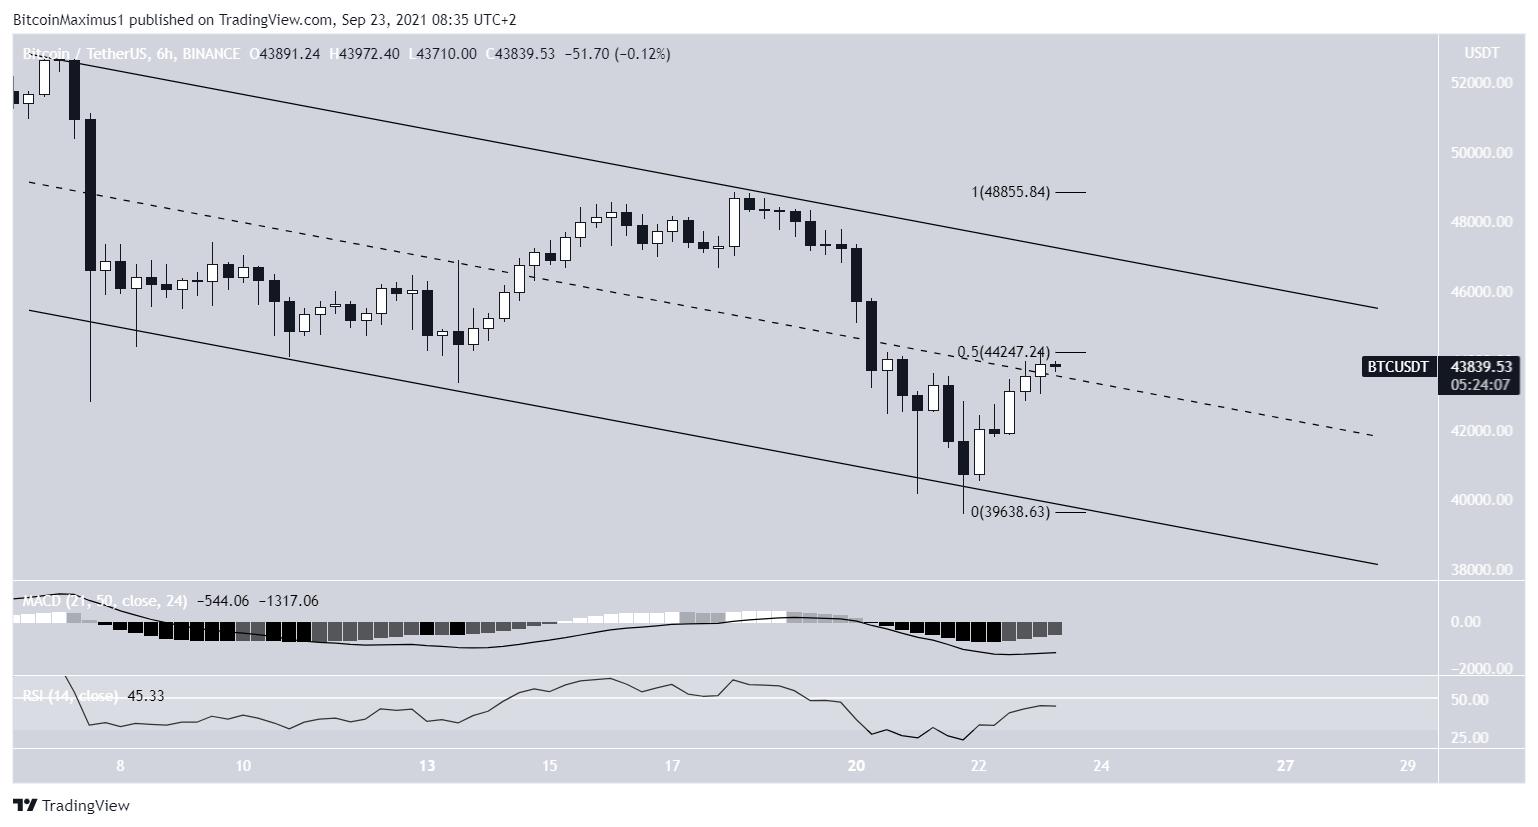 BTC descending parallel channel